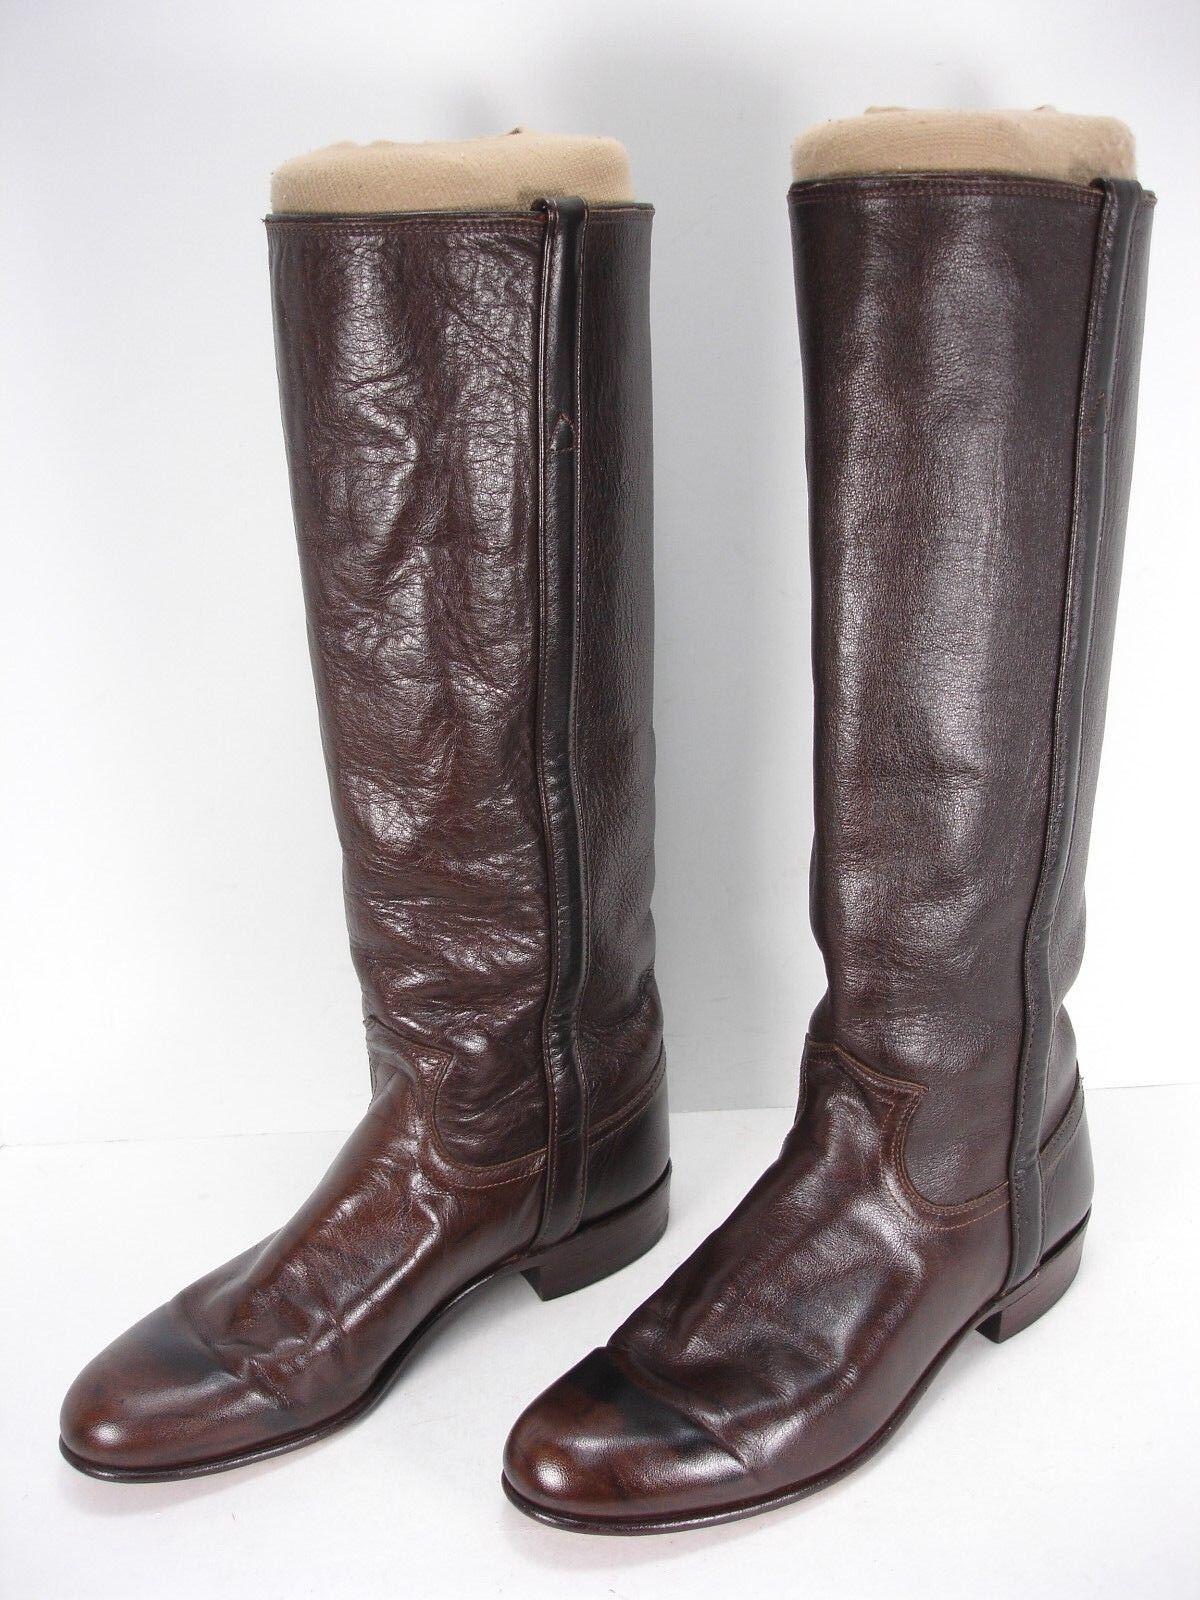 Justin L3737 marrón marrón marrón jaspeado botas de vaquero occidental de cuero Roper de alto para mujer 6 B  bienvenido a comprar